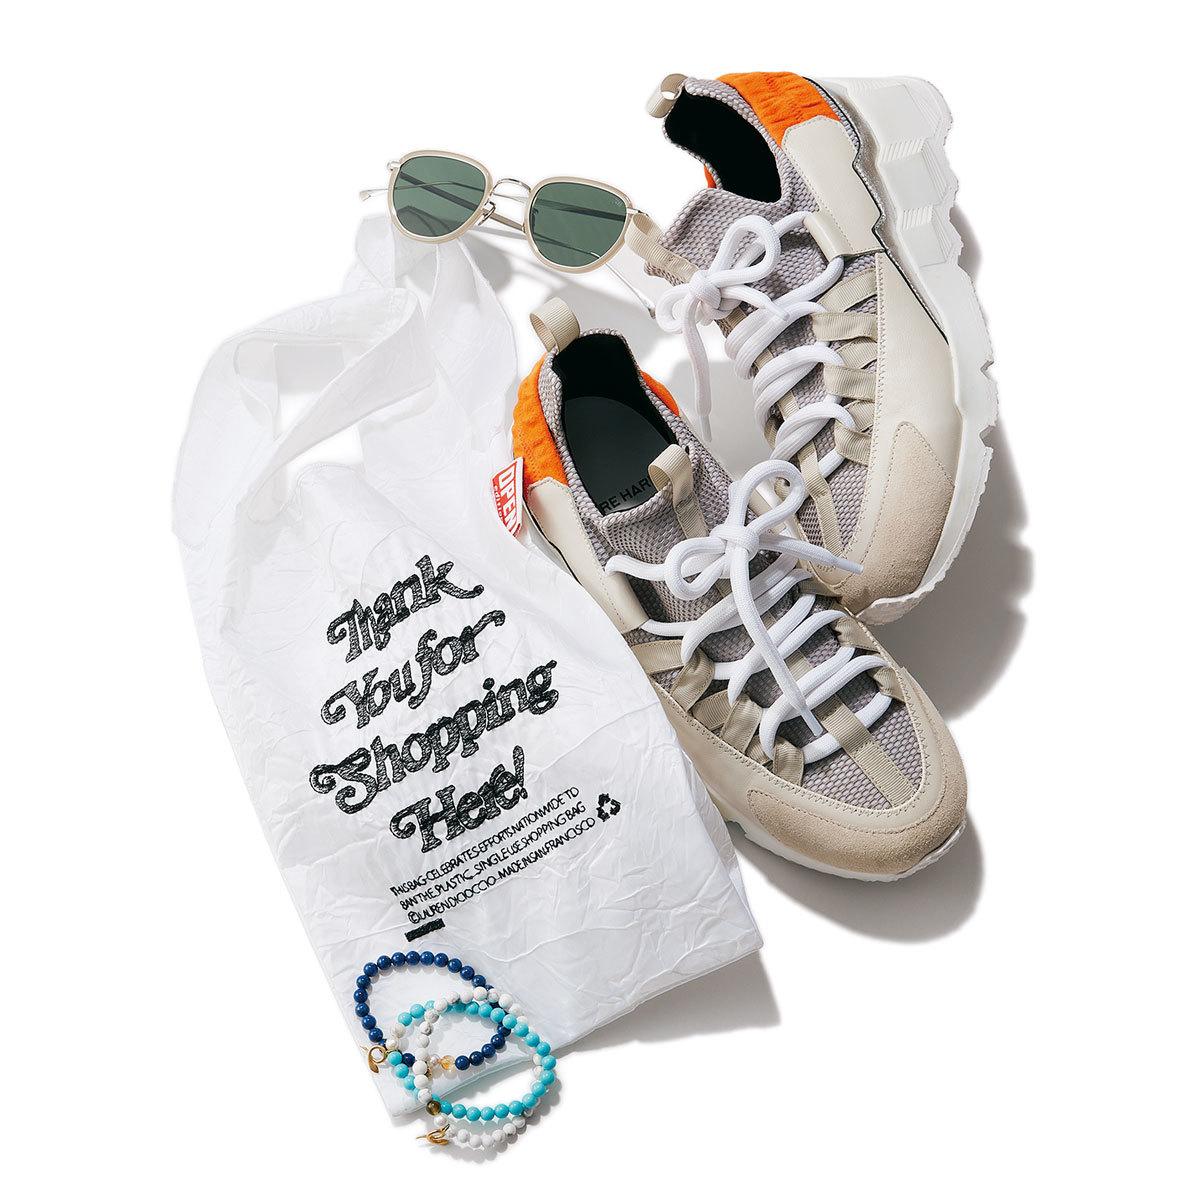 (上から時計回りに)靴¥79,200/ピエール アルディ 東京(ピエールアルディ) バッグ¥5,500/エスケーパーズオンライン(OPEN EDITIONS) ブレスレット各¥11,000/アルティーダ ウード サングラス¥52,800/アイヴァン 7285 トウキョウ(アイヴァン 7285)